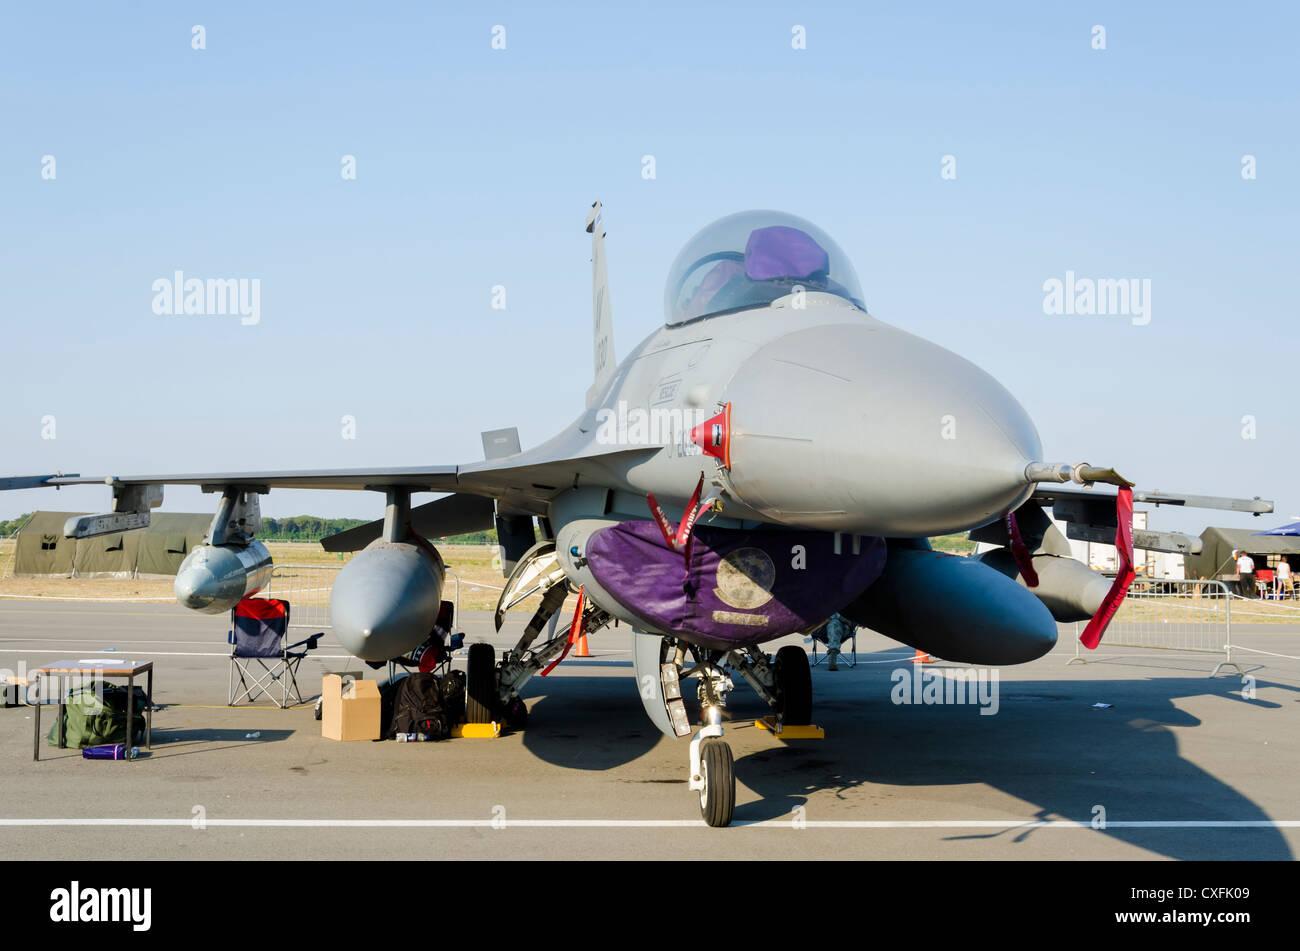 Avion F-16 Fighting Falcon sur l'Airshow Batajnica 2012 à Belgrade, Serbie le 2 septembre 2012. Banque D'Images